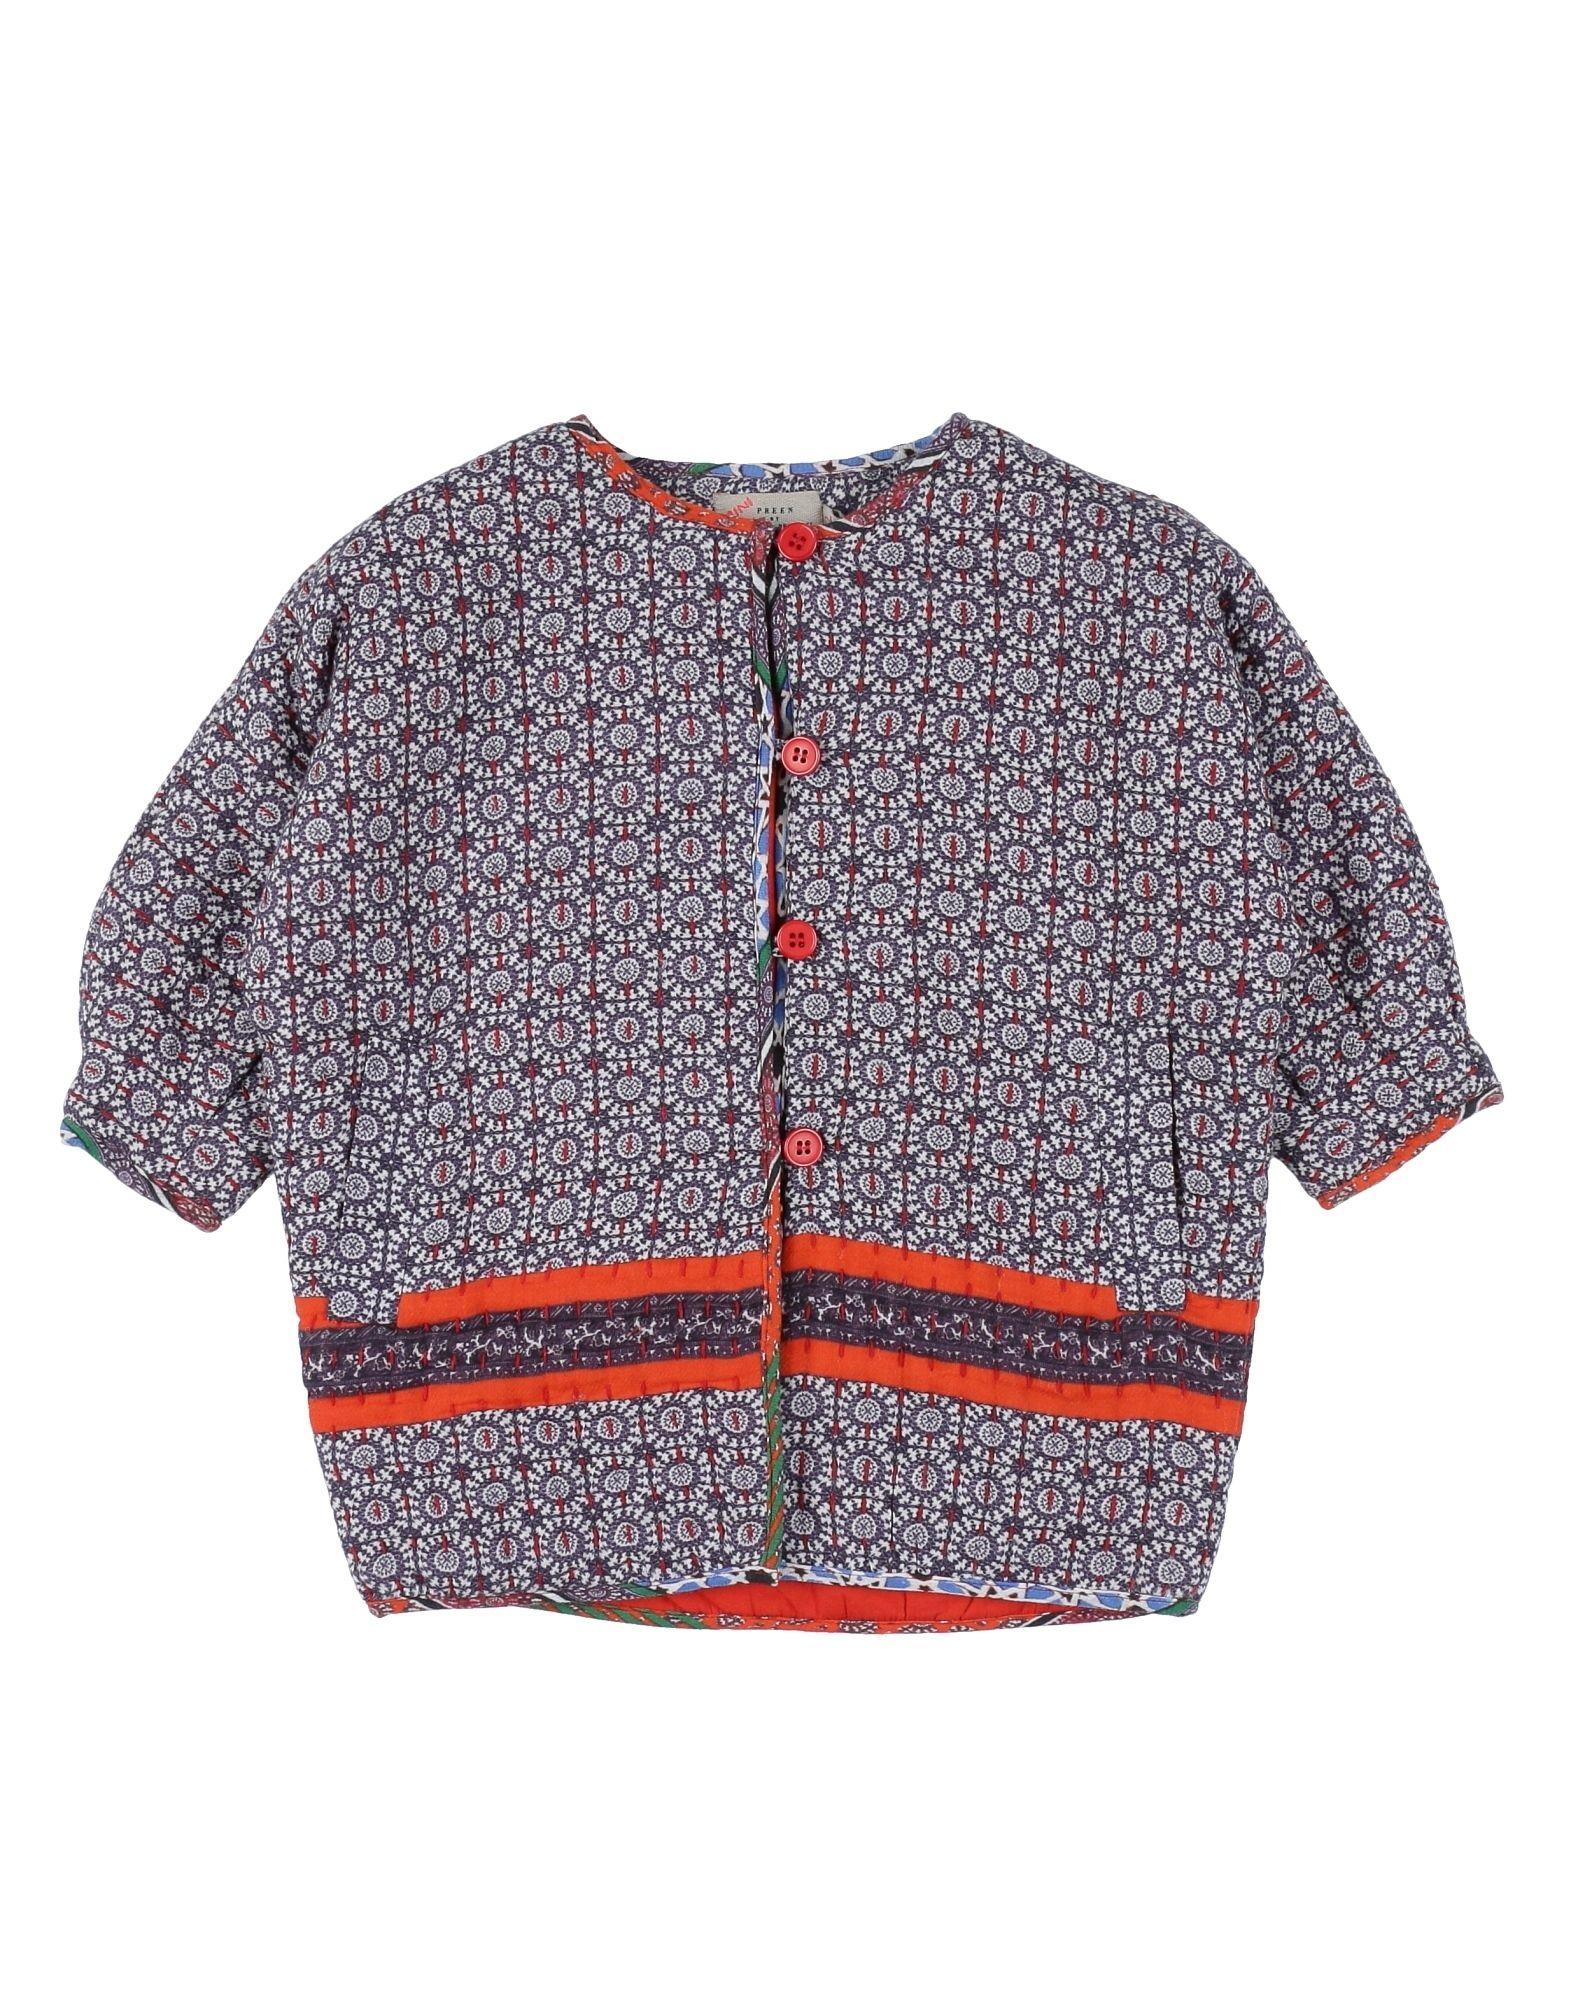 PREEN by THORNTON BREGAZZI Mädchen 0-24 monate Lange Jacke Farbe Violett Größe 10